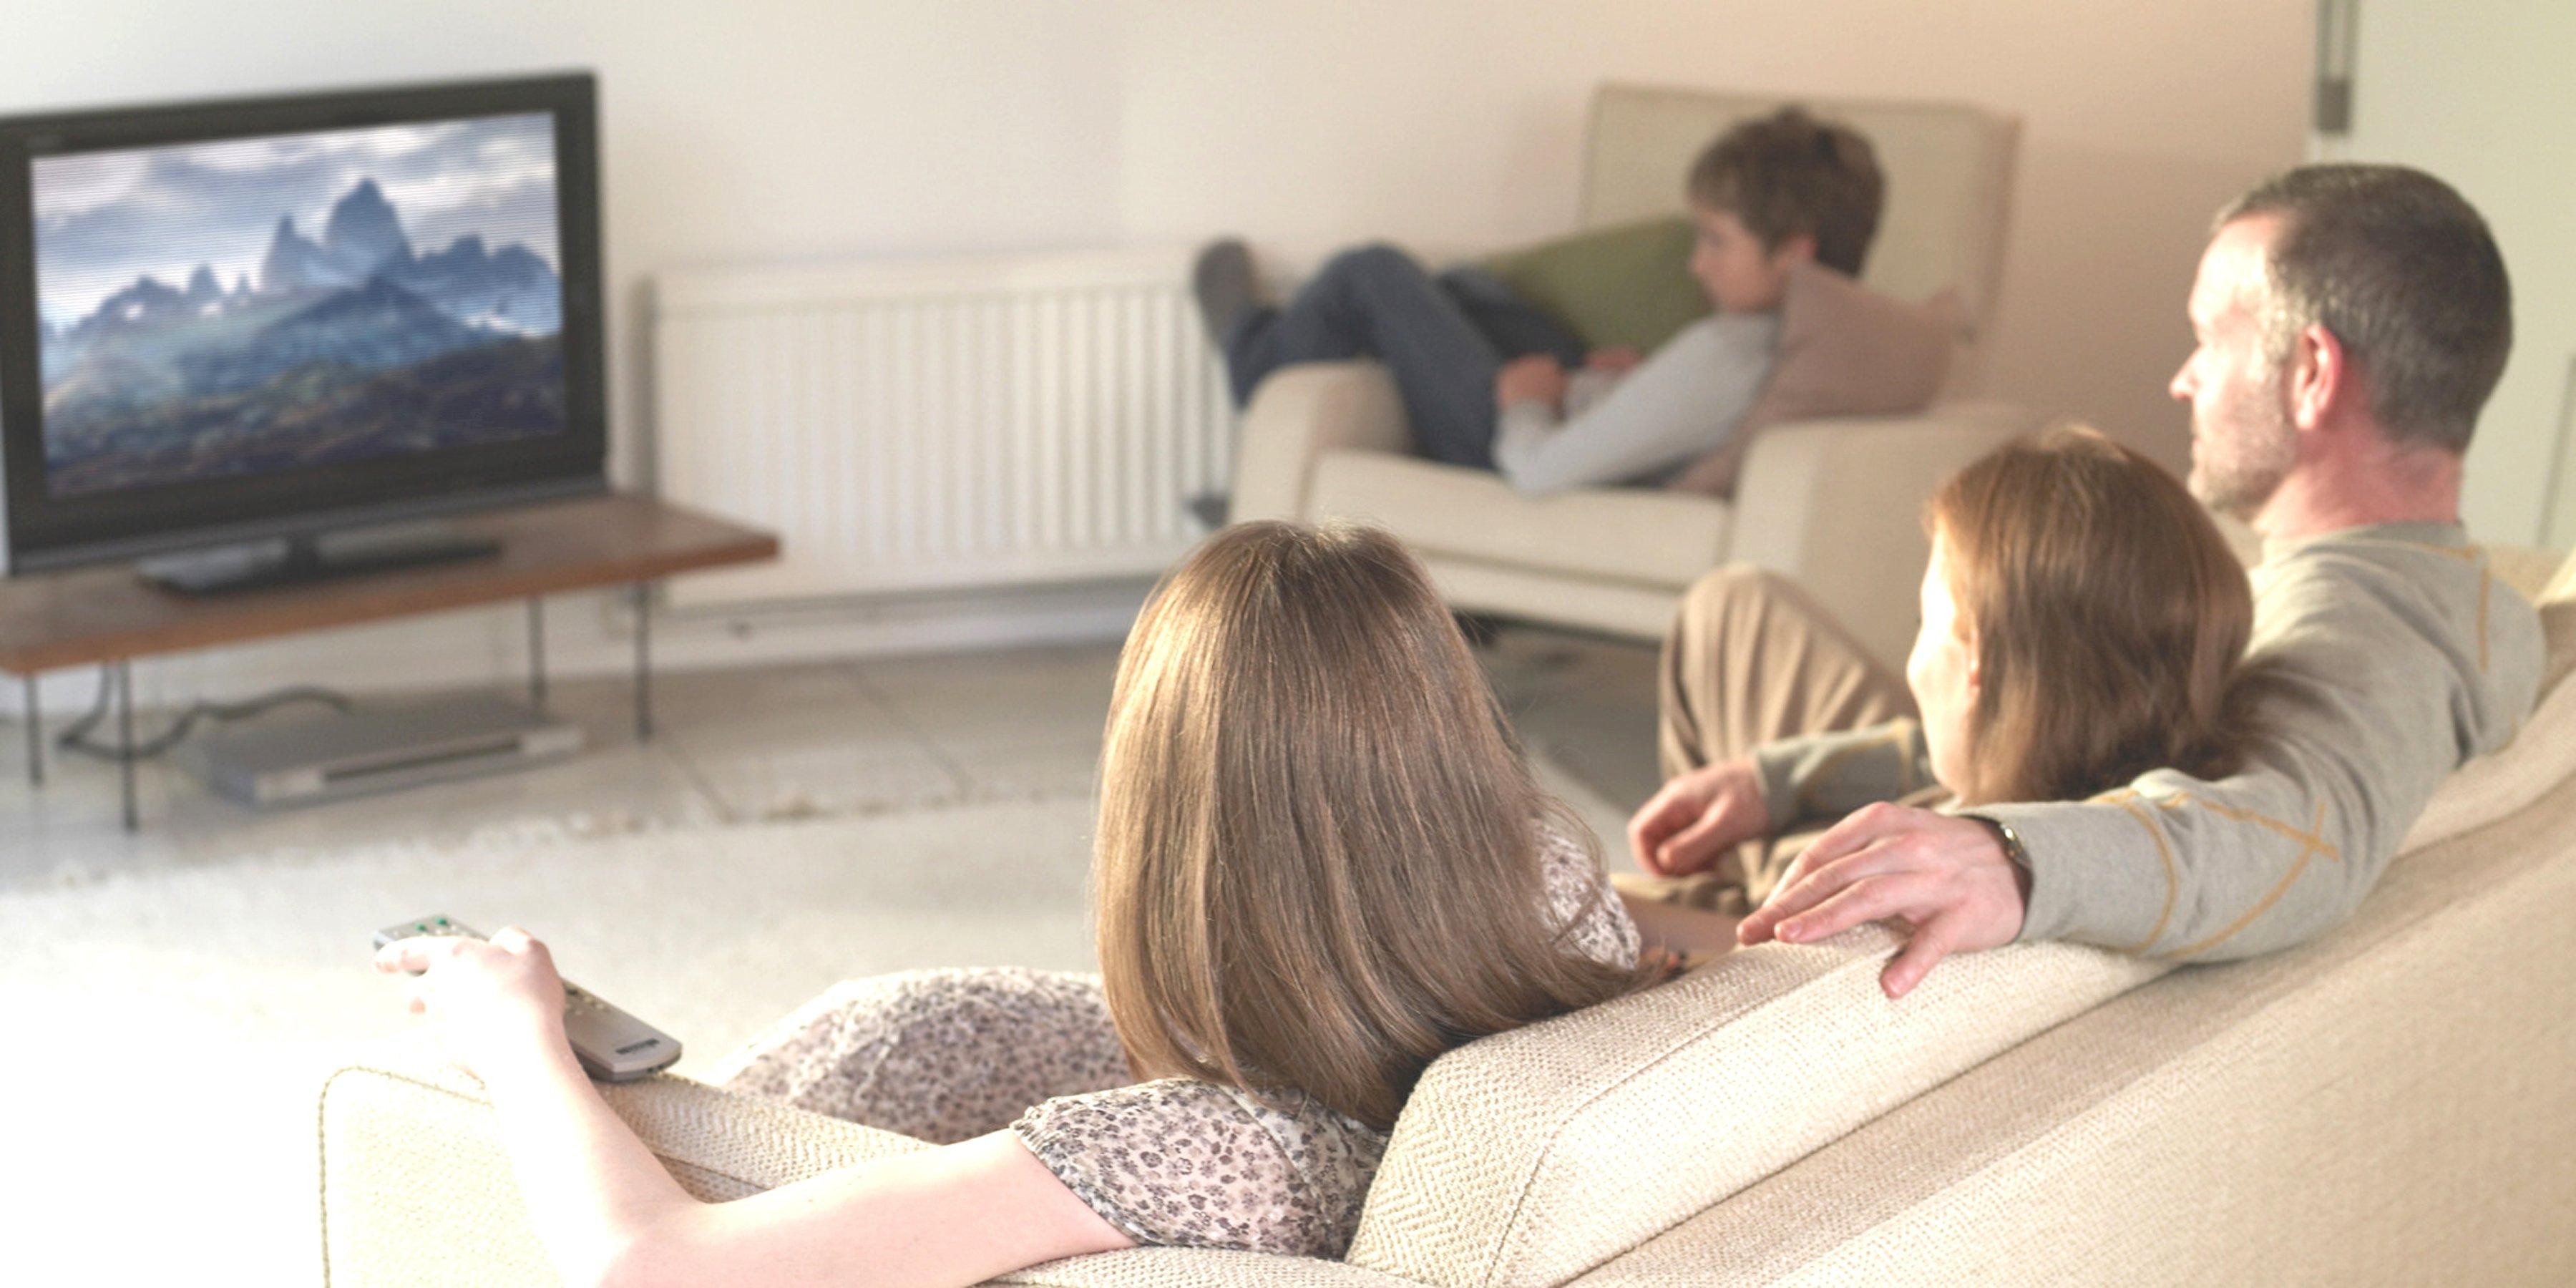 Evde Kaldığımız Sürede Neler Yapıyoruz? [Araştırma]